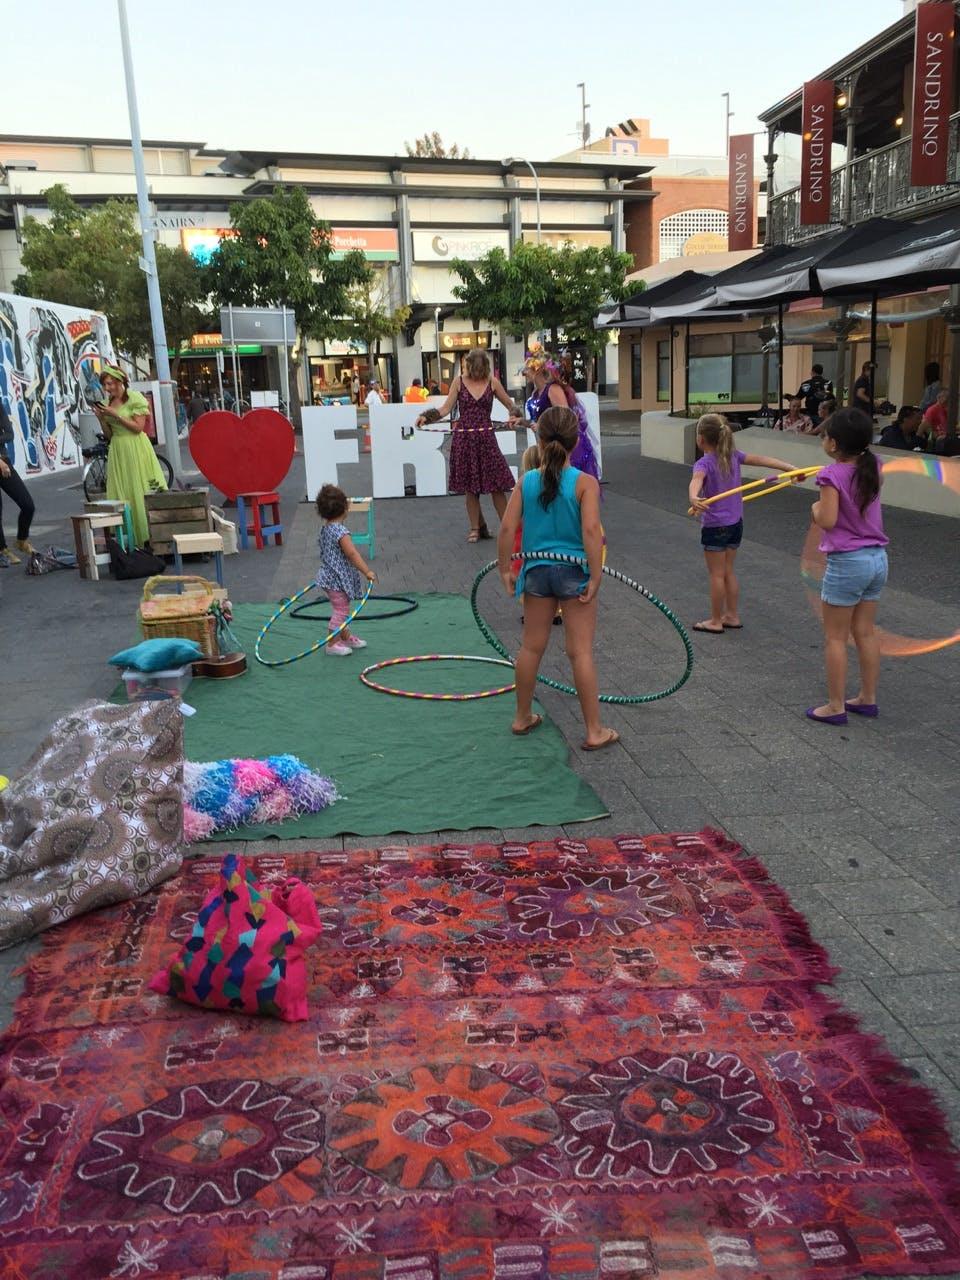 Market Street Piazza daytime 7